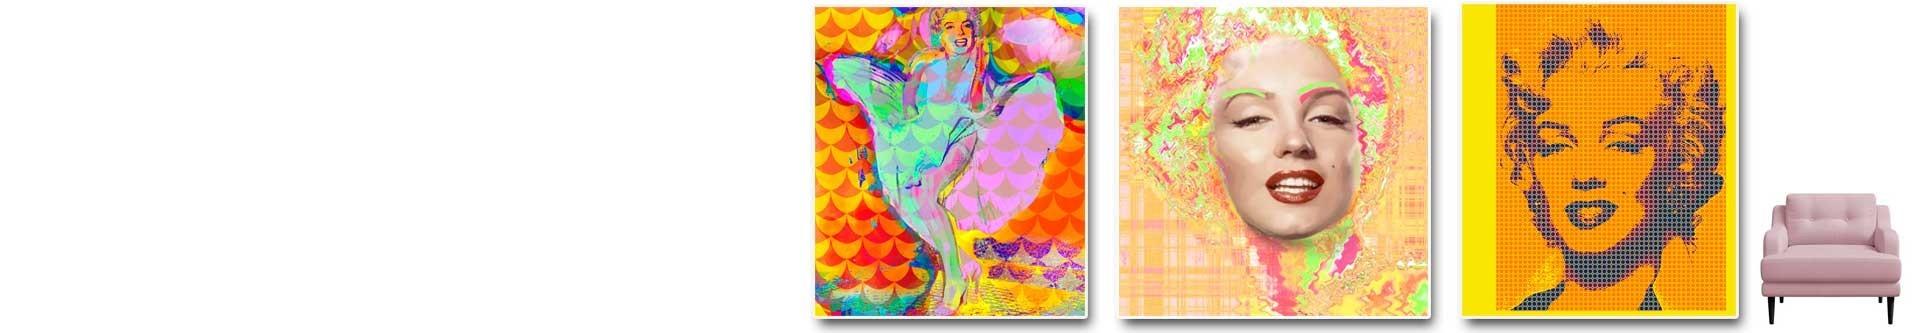 Marilyn Monroe obrazy plakaty grafiki GRAFIKIOBRAZY.PL